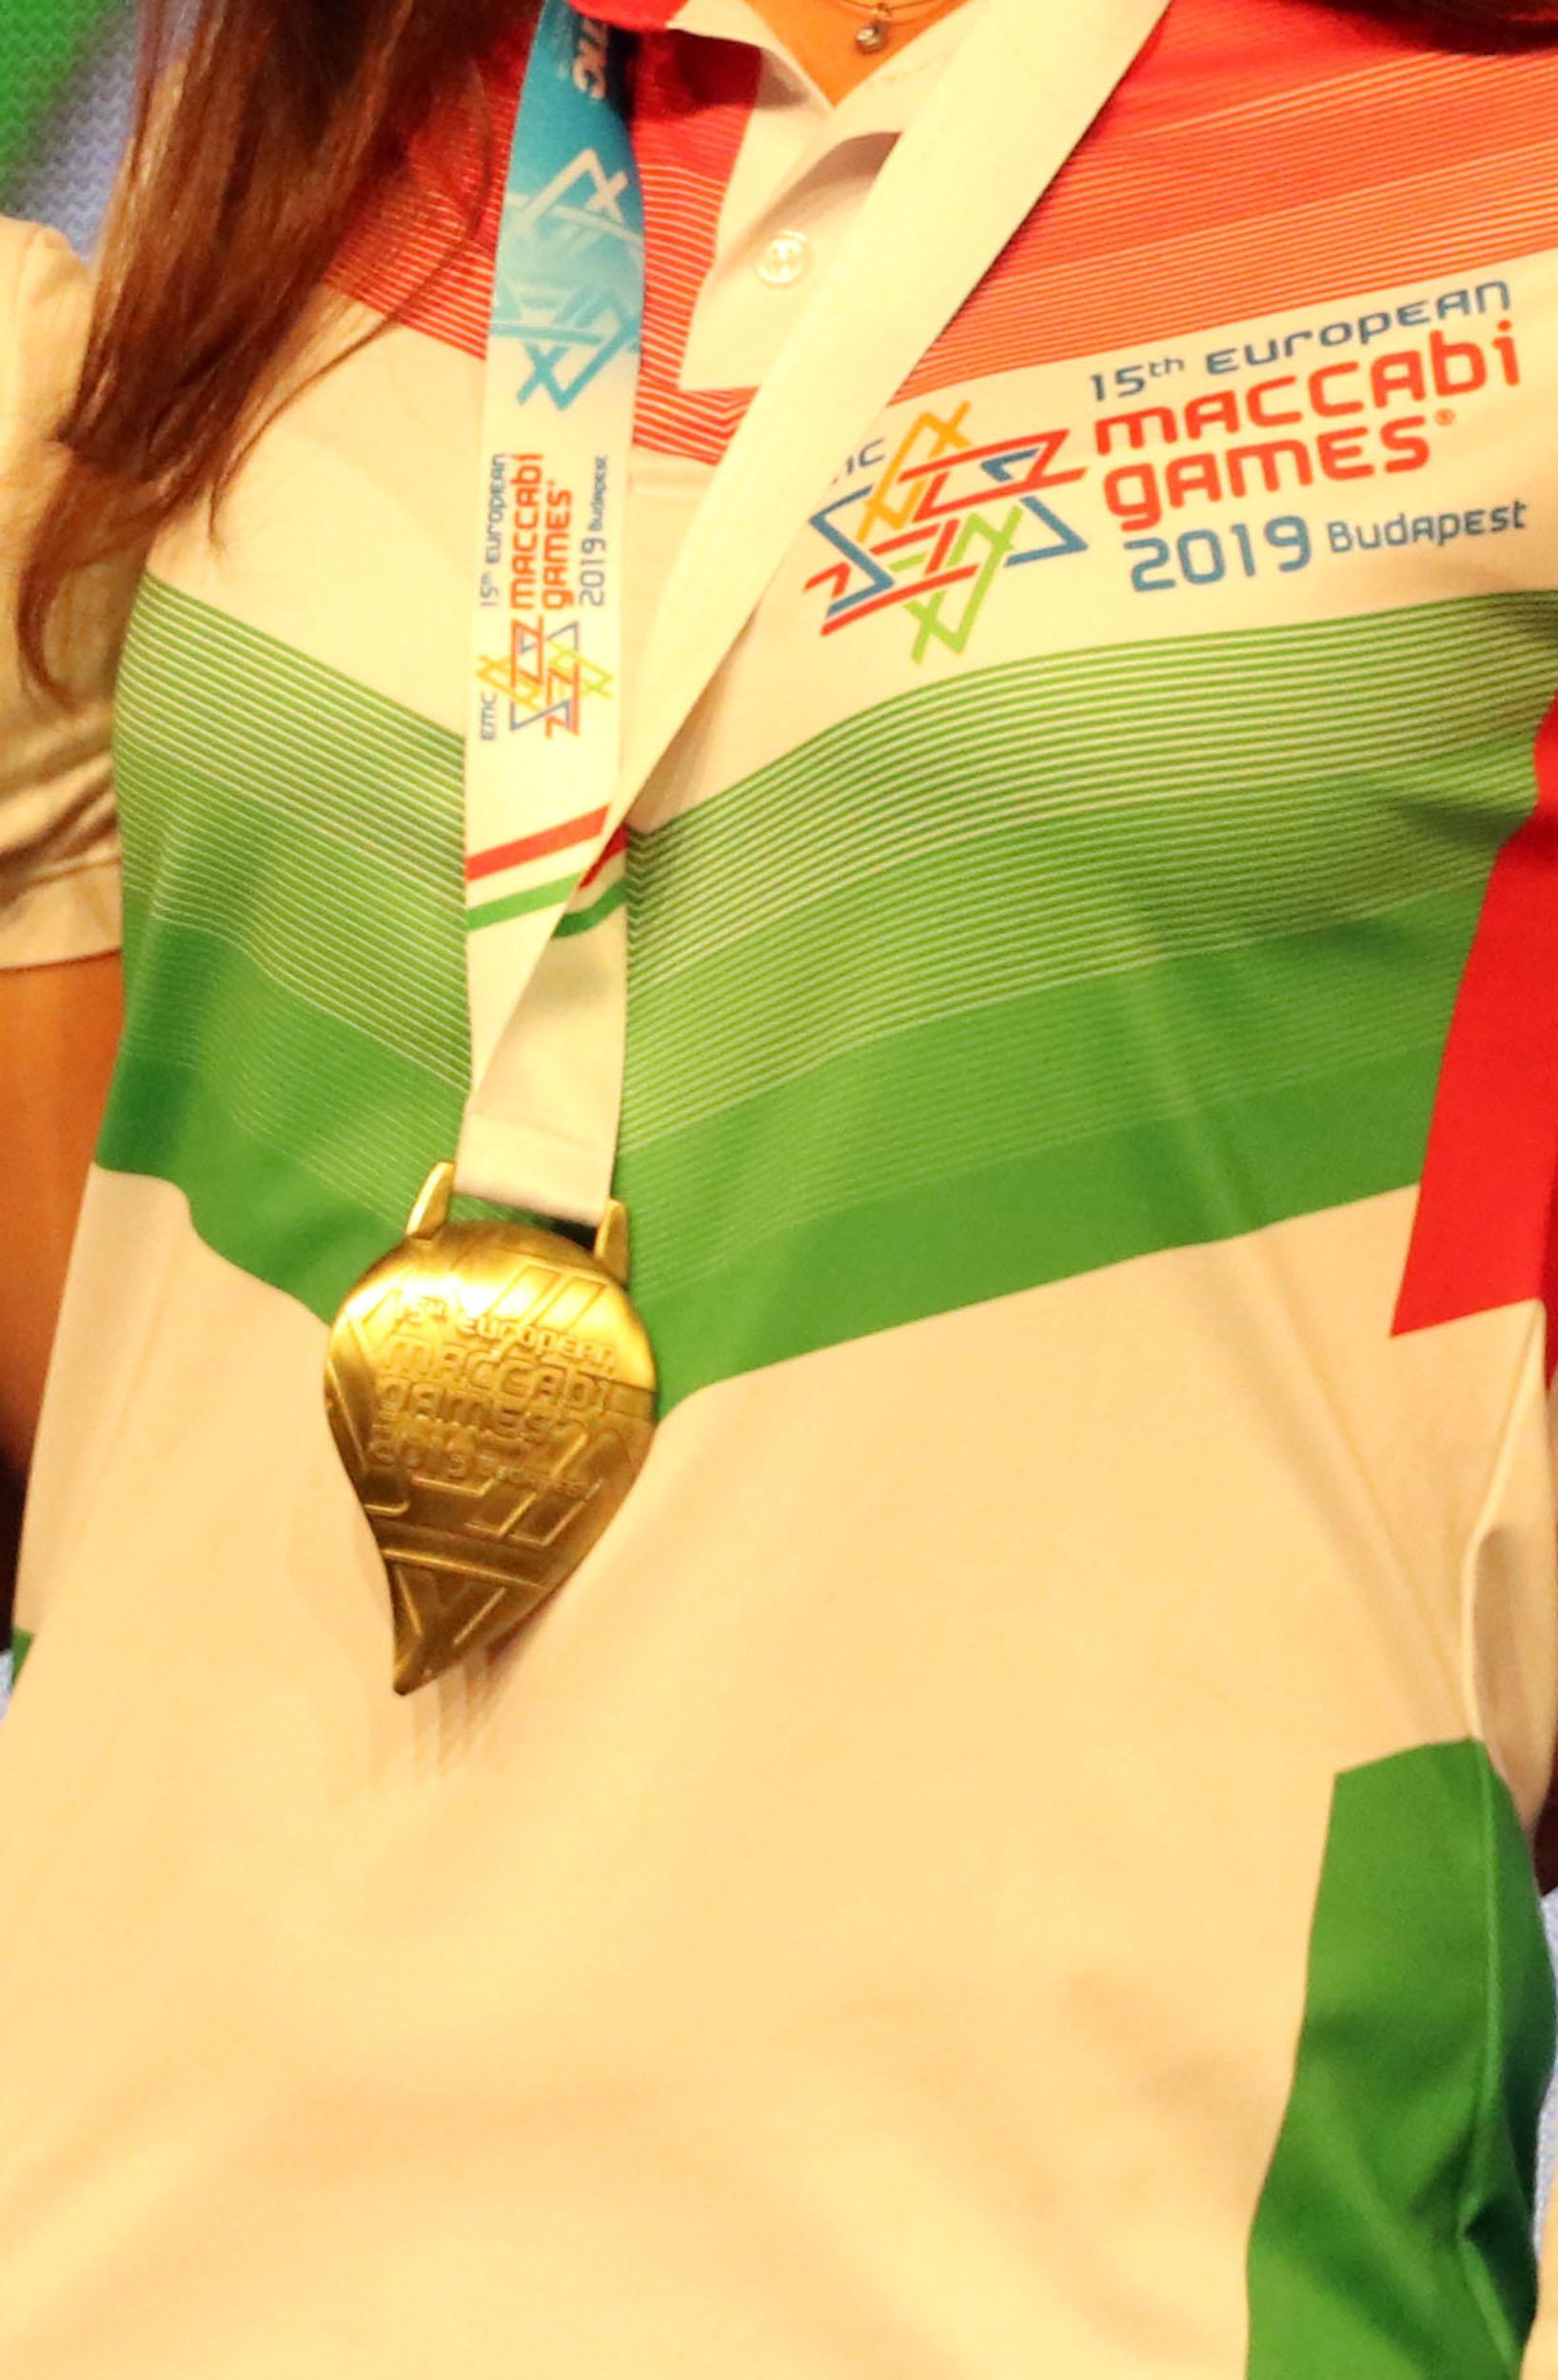 Maccabi Játékok: Már hat aranynál tart a magyar csapat